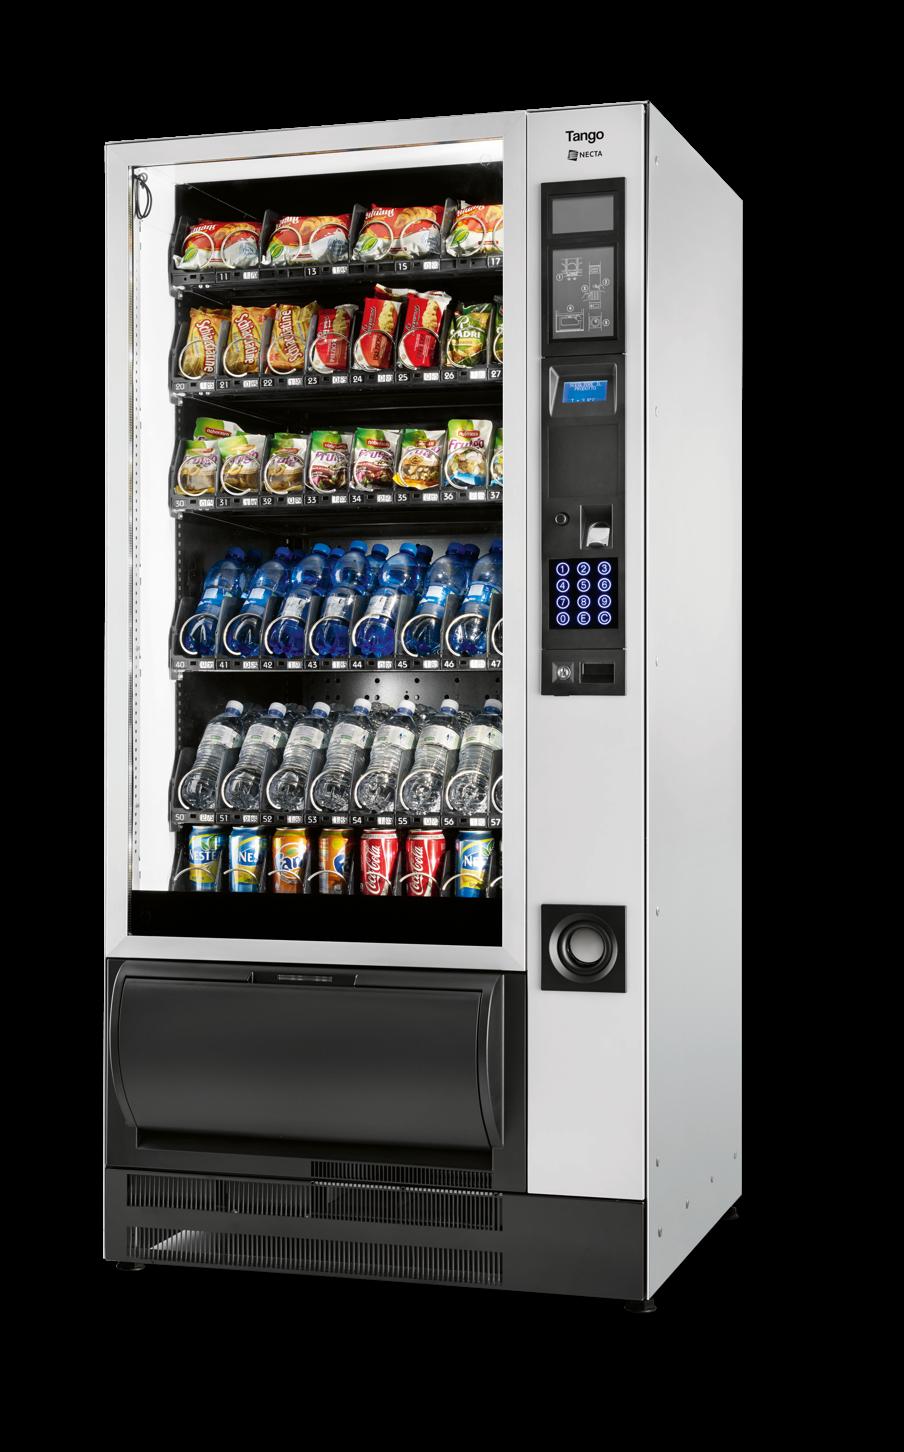 Maquina Expendedora Vending de Alimentos y Bebidas Frías: TANGO